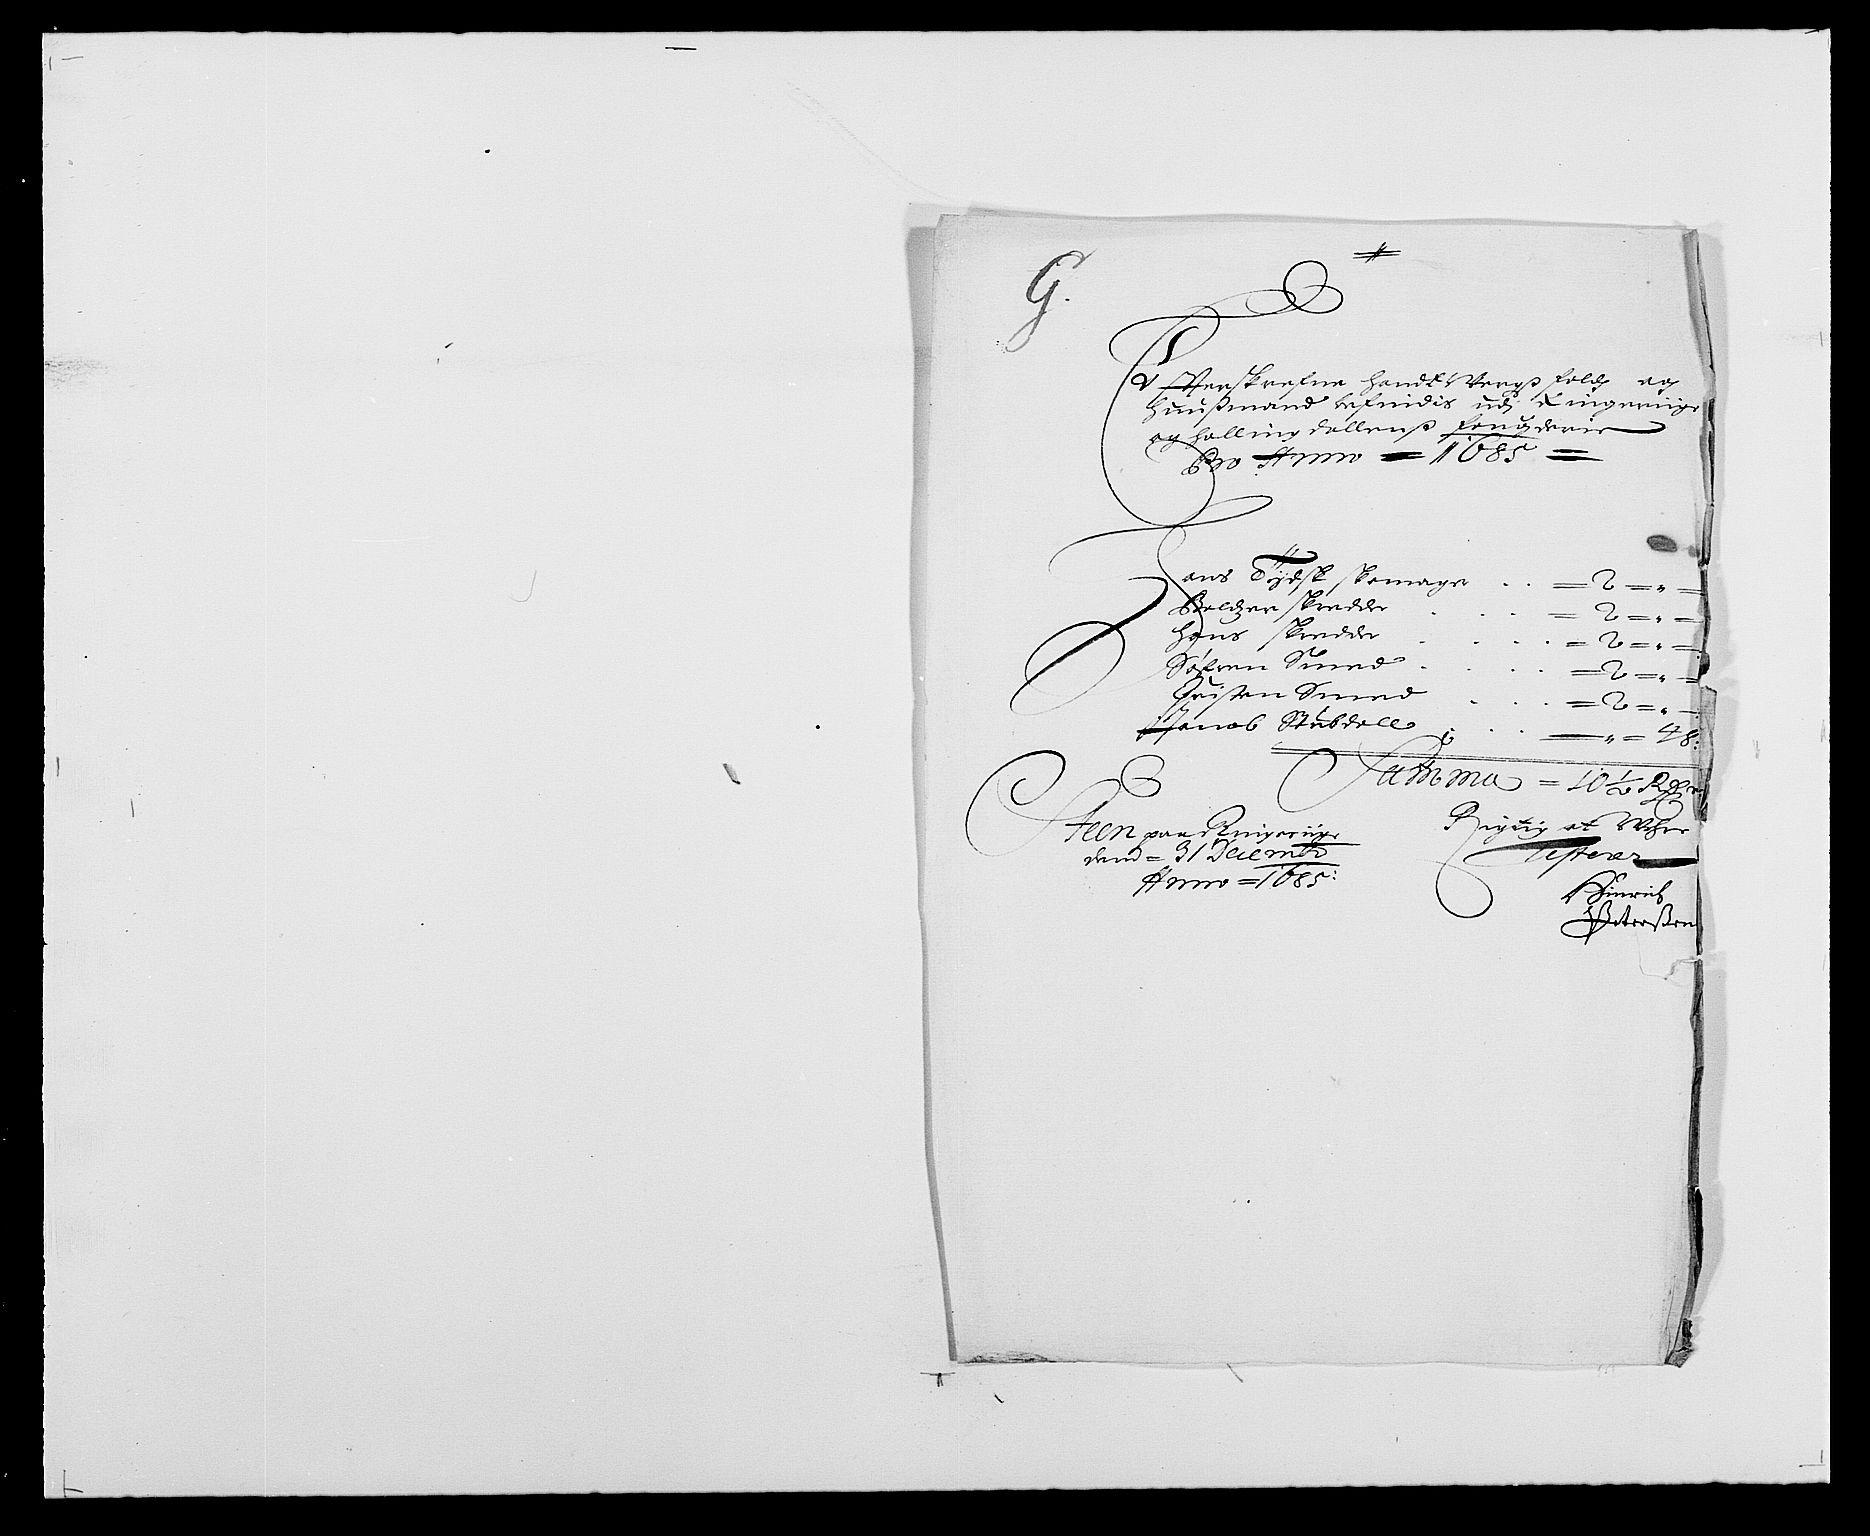 RA, Rentekammeret inntil 1814, Reviderte regnskaper, Fogderegnskap, R21/L1446: Fogderegnskap Ringerike og Hallingdal, 1683-1686, s. 350